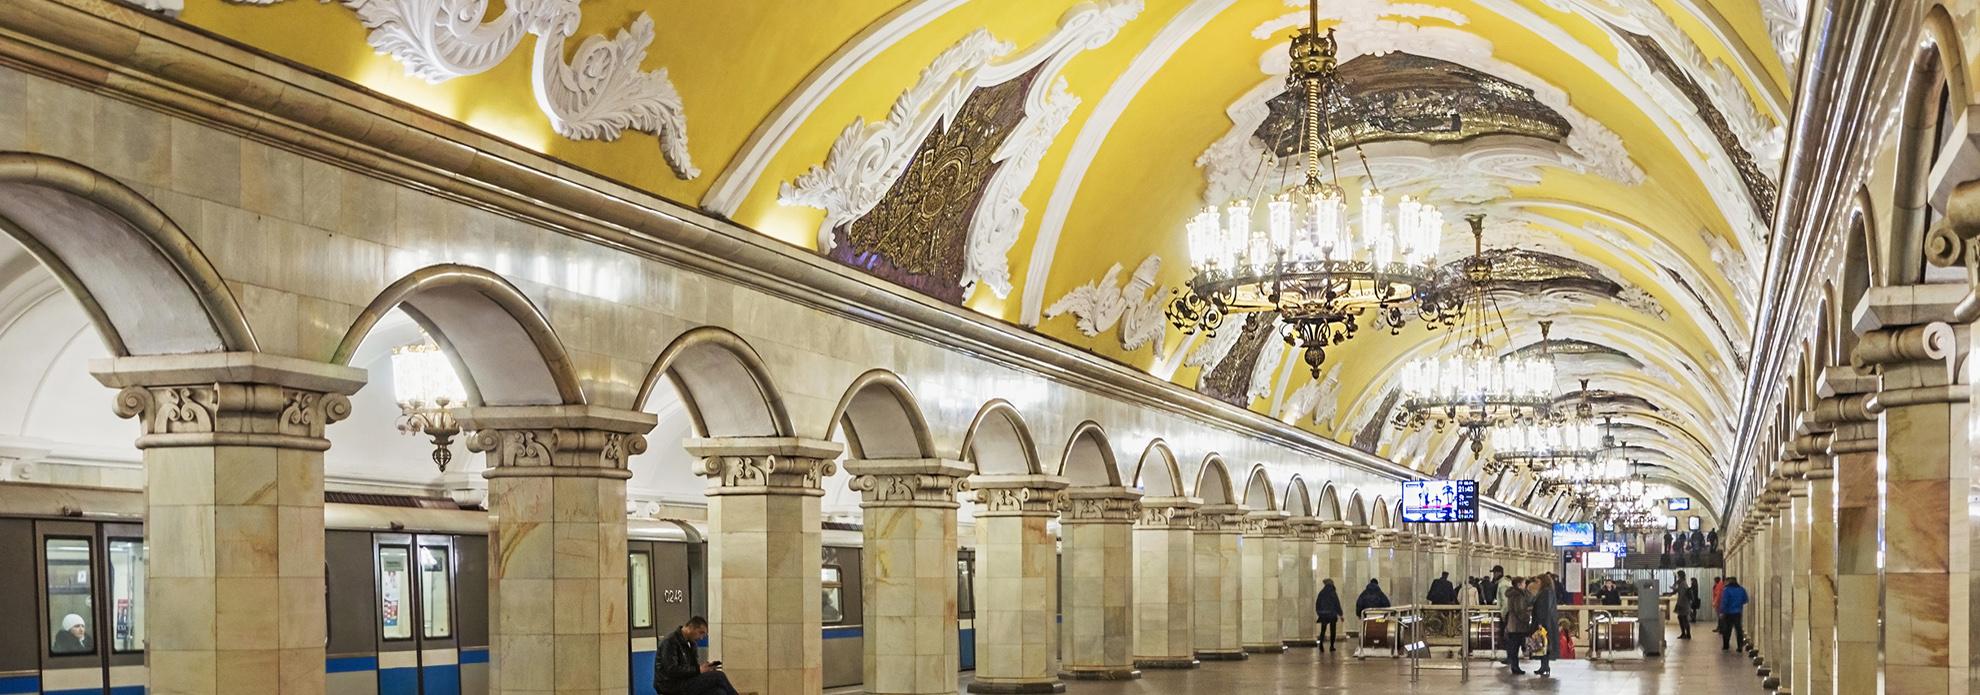 Moscow-metro-vid-stancia